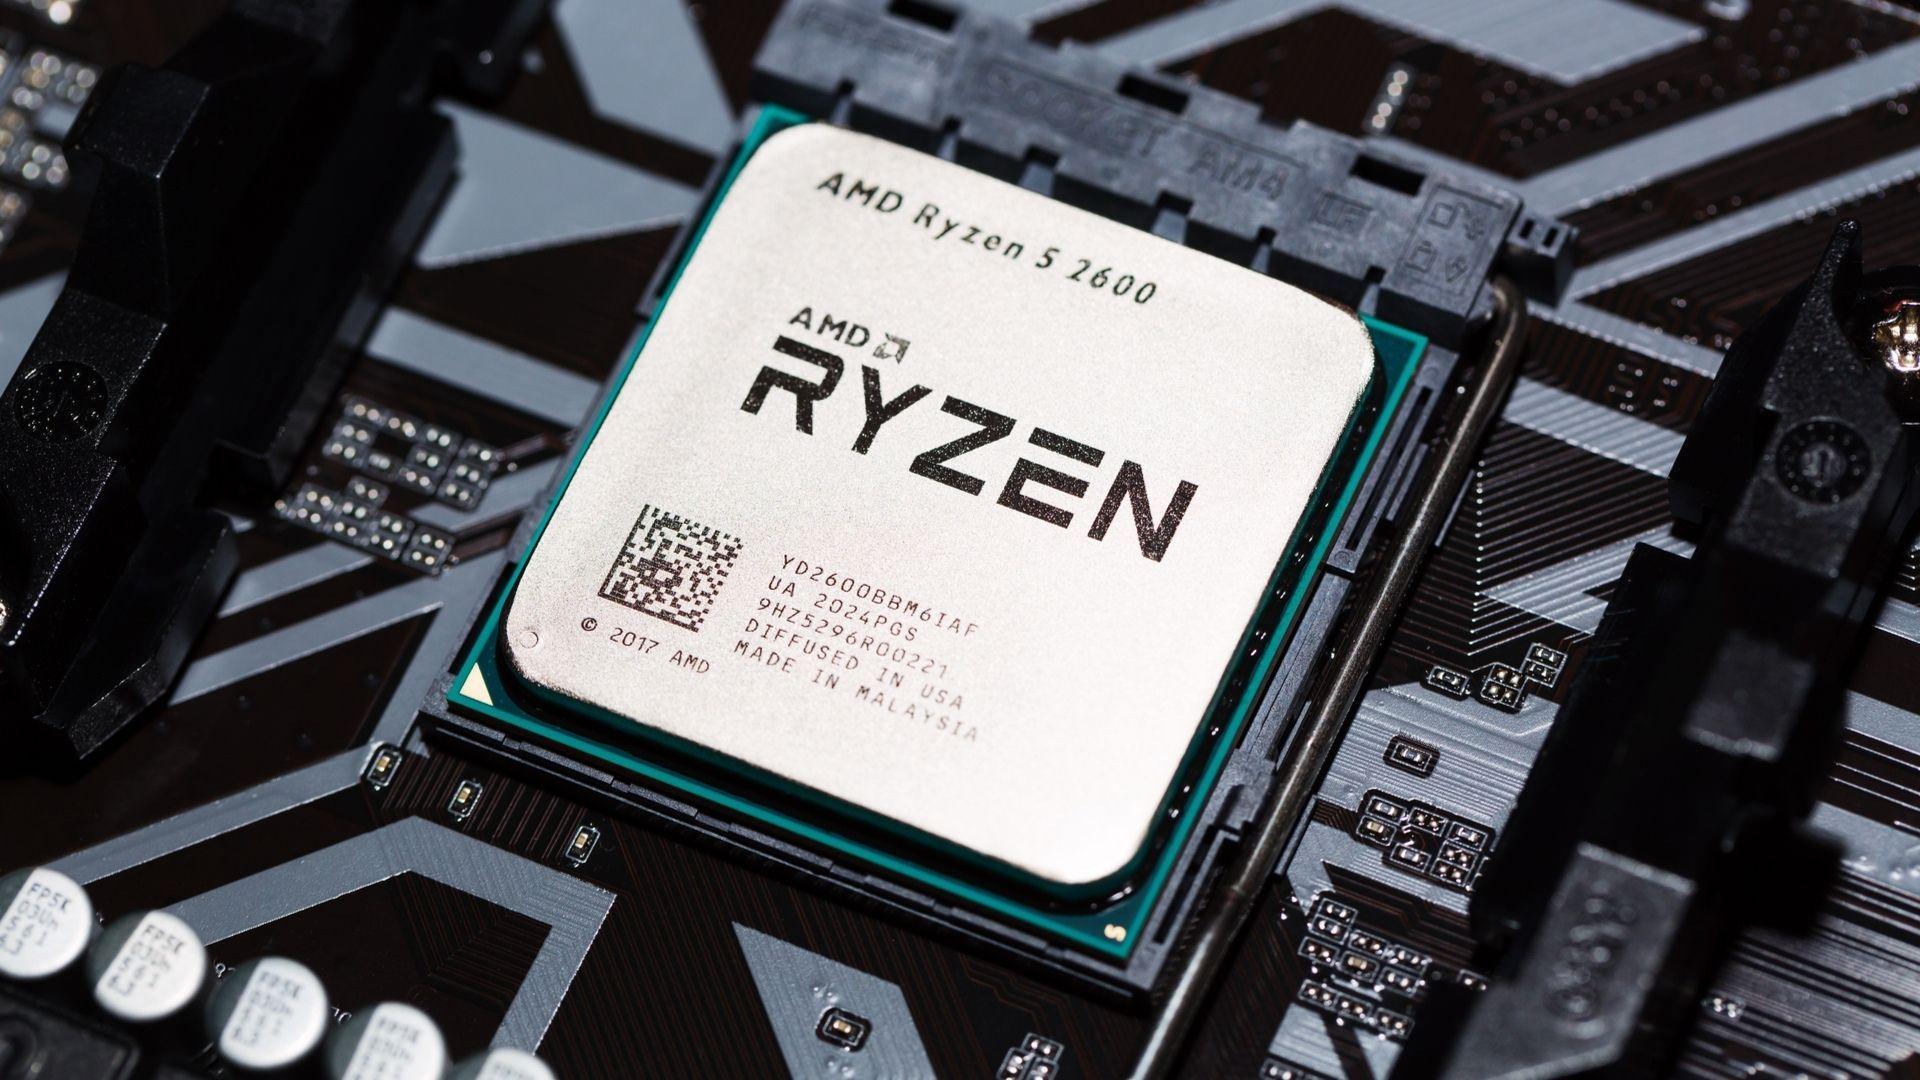 O AMD Ryzen 5 2600 possui 3,4GHz de clock e chega a 3,9GHz com o boost (Foto: Divulgação/Shutterstock)